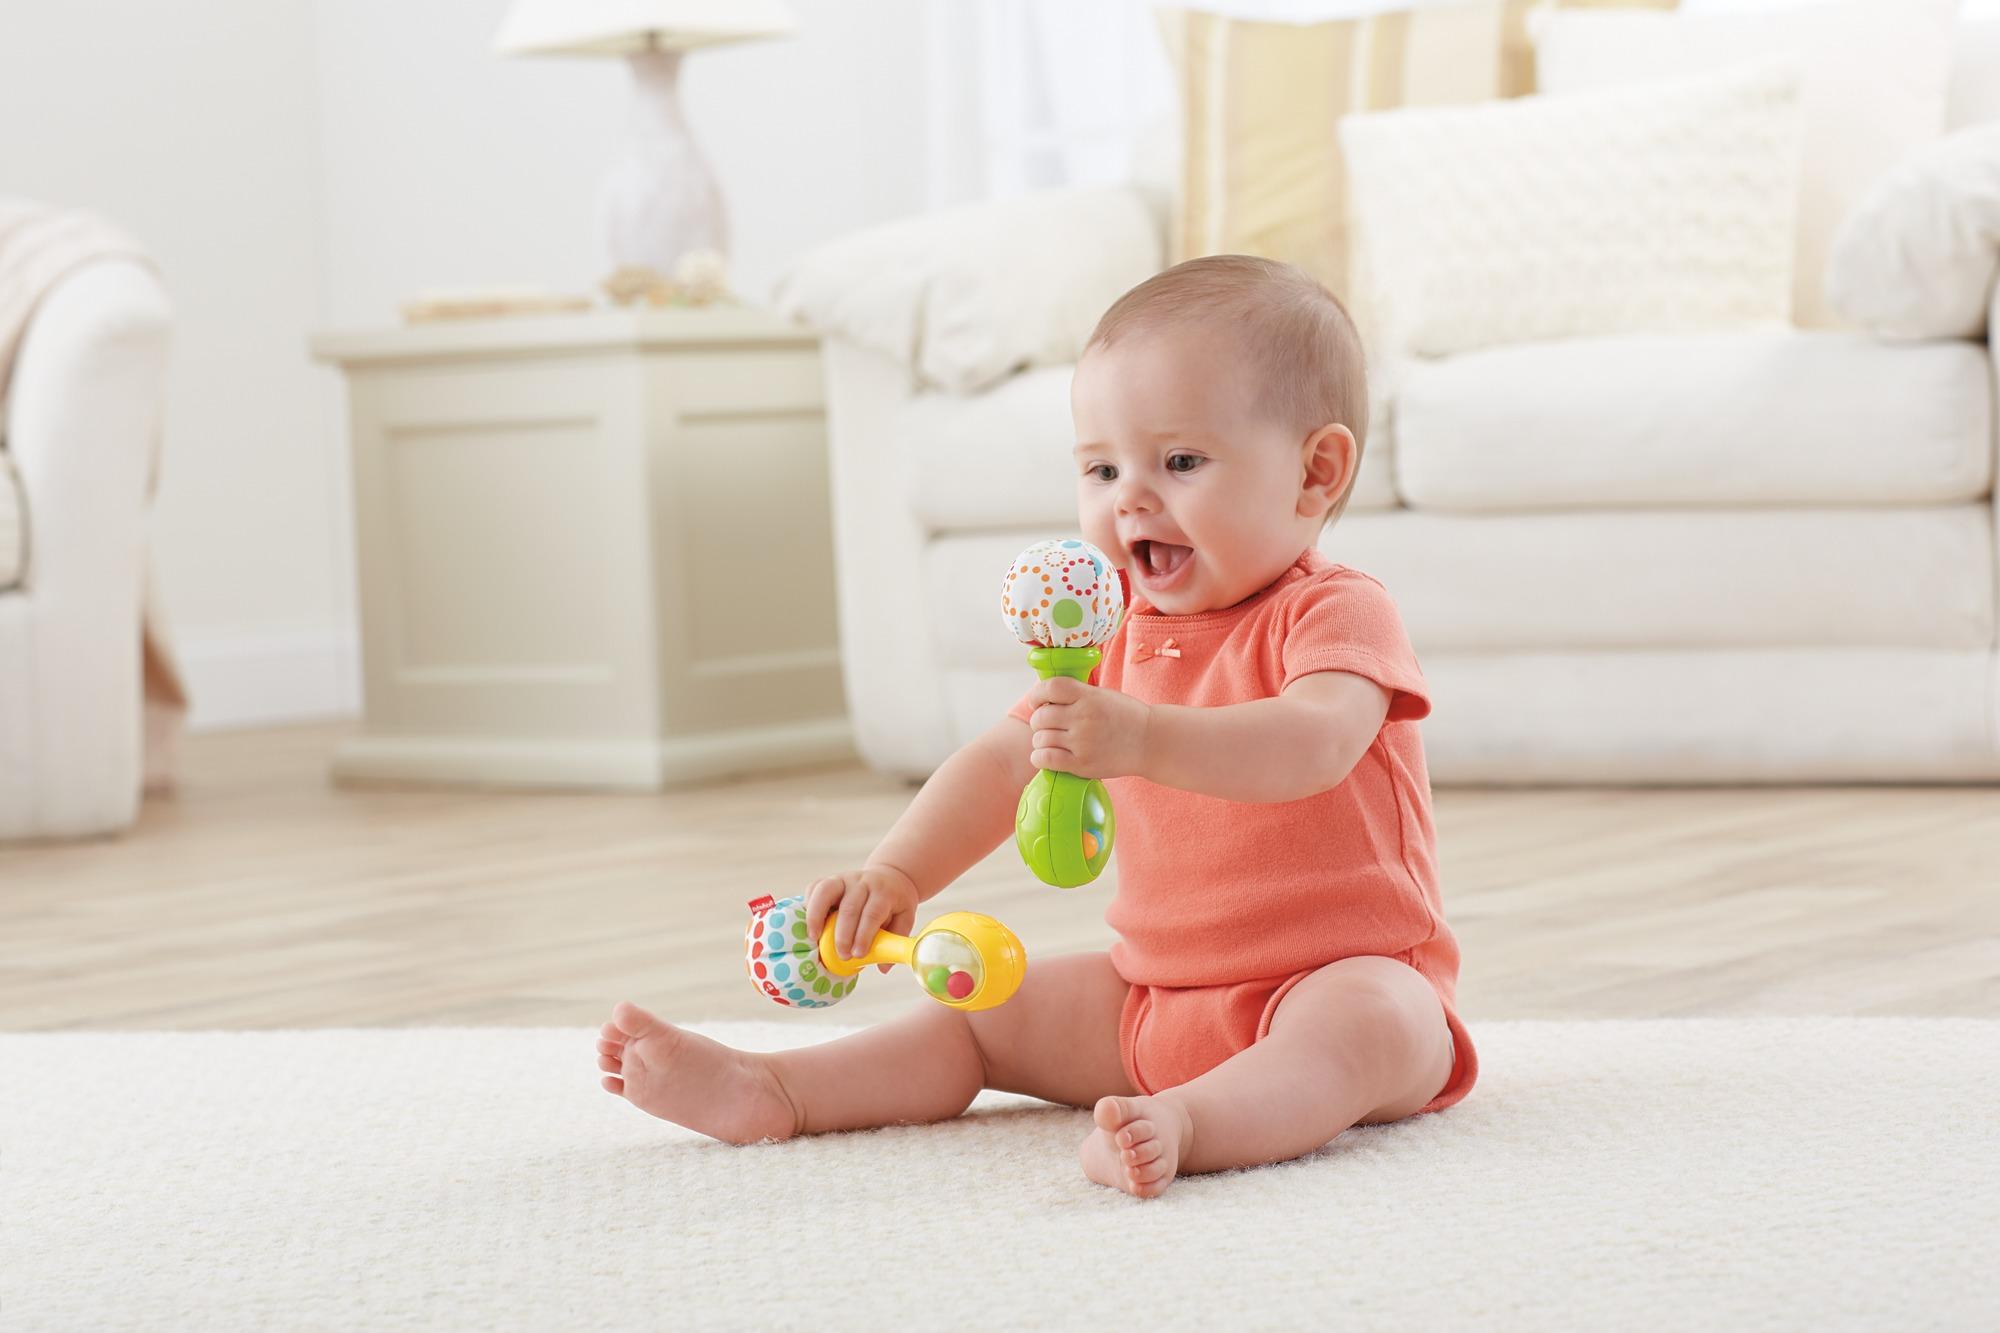 Fisher-price le maracas per neonati con impugnature soffici, rafforza le capacità motorie e sensoriali, bambini di 3 + mesi - FISHER-PRICE